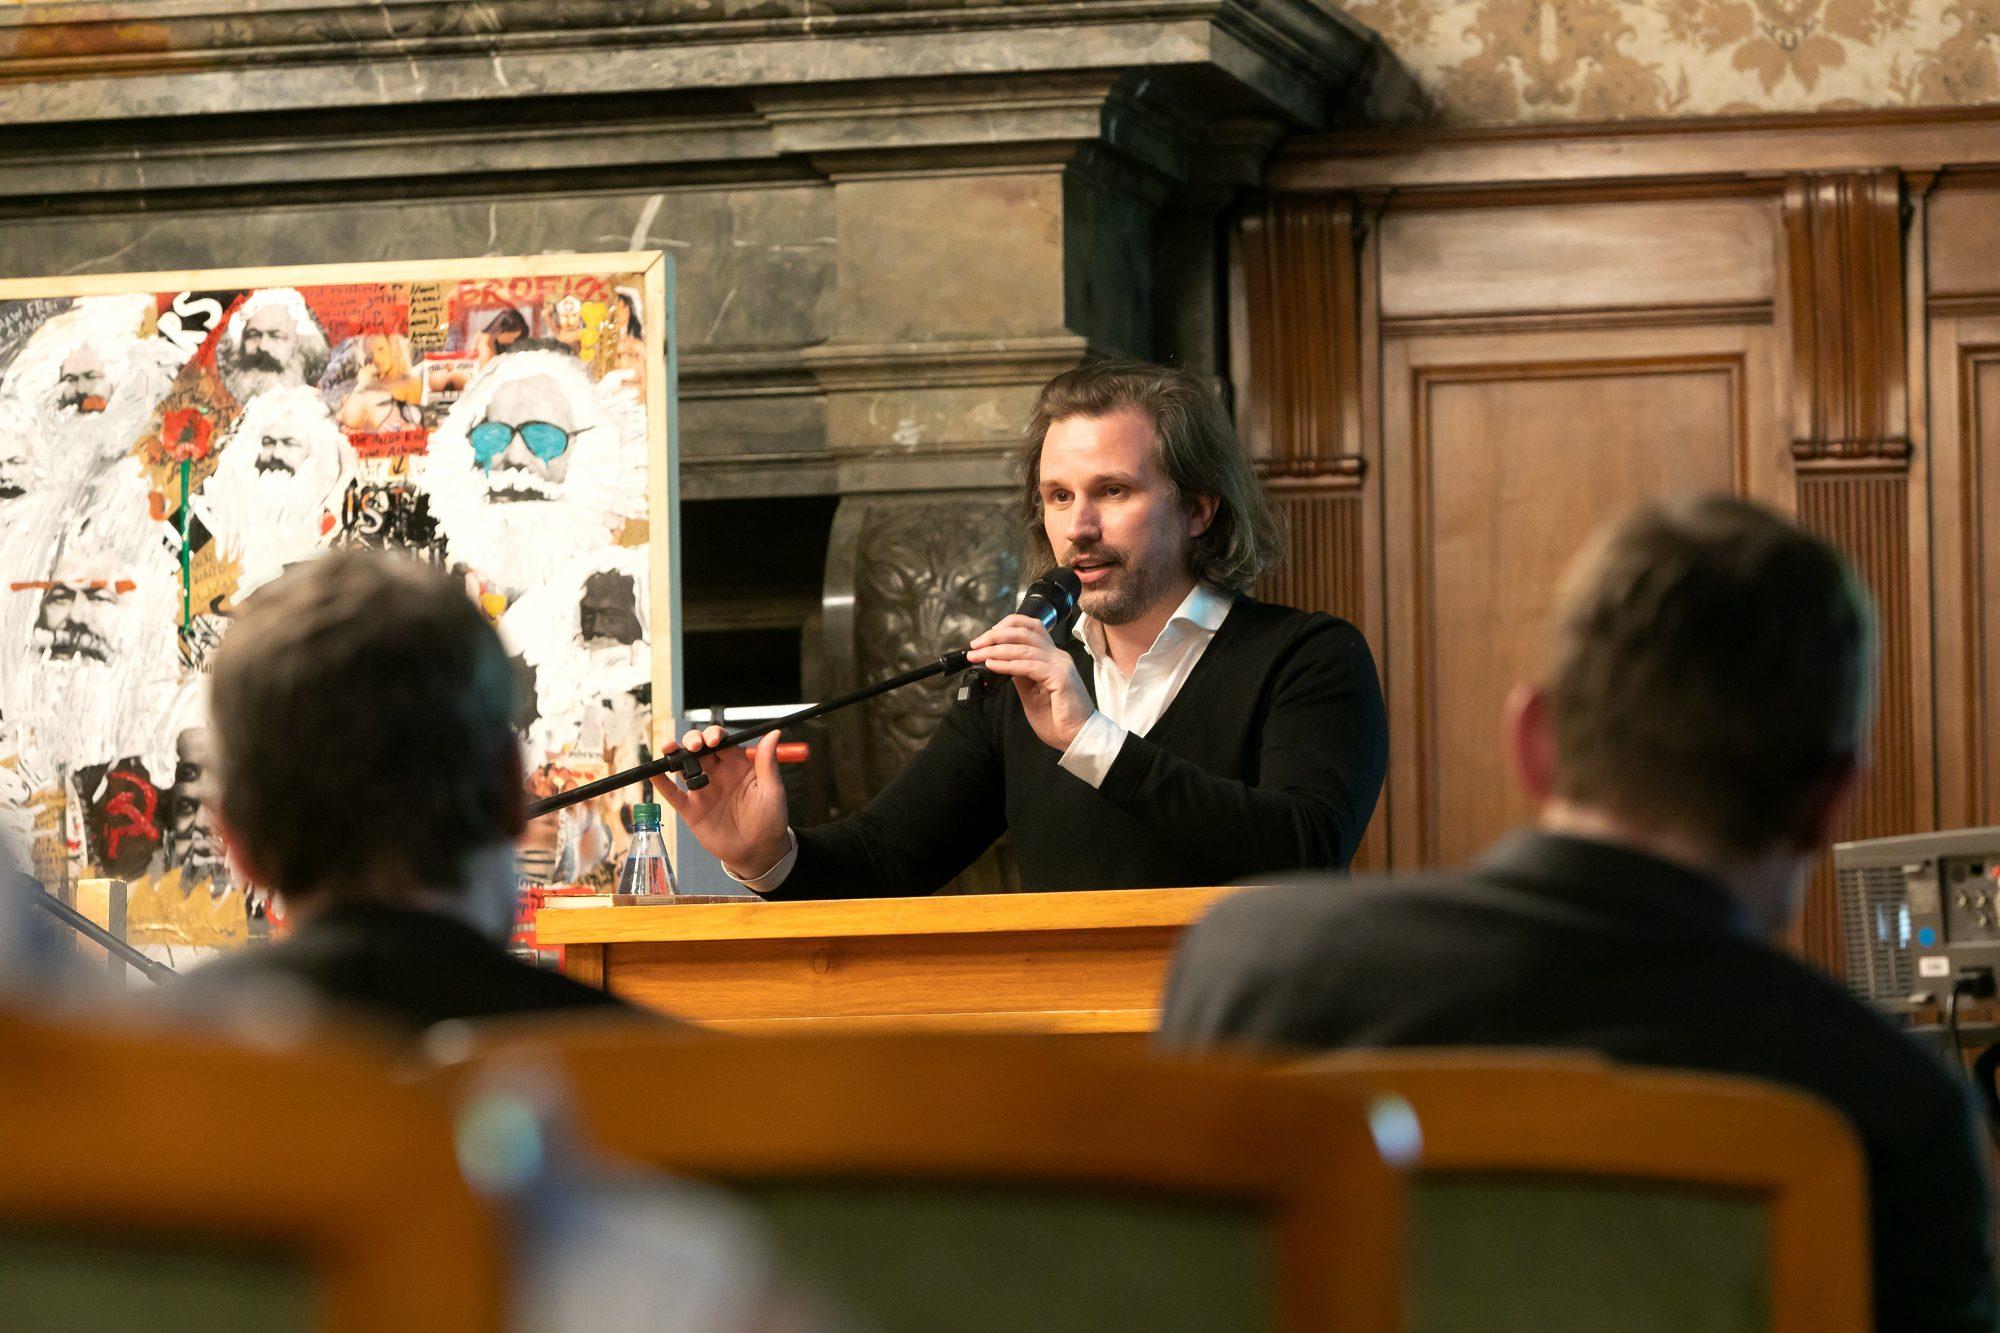 Michael von zur Mühlen, Bertolt Brecht Gastprofessor der Stadt Leipzig am CCT im Sommersemester 2019<br>(c) CCT/Swen Reichhold